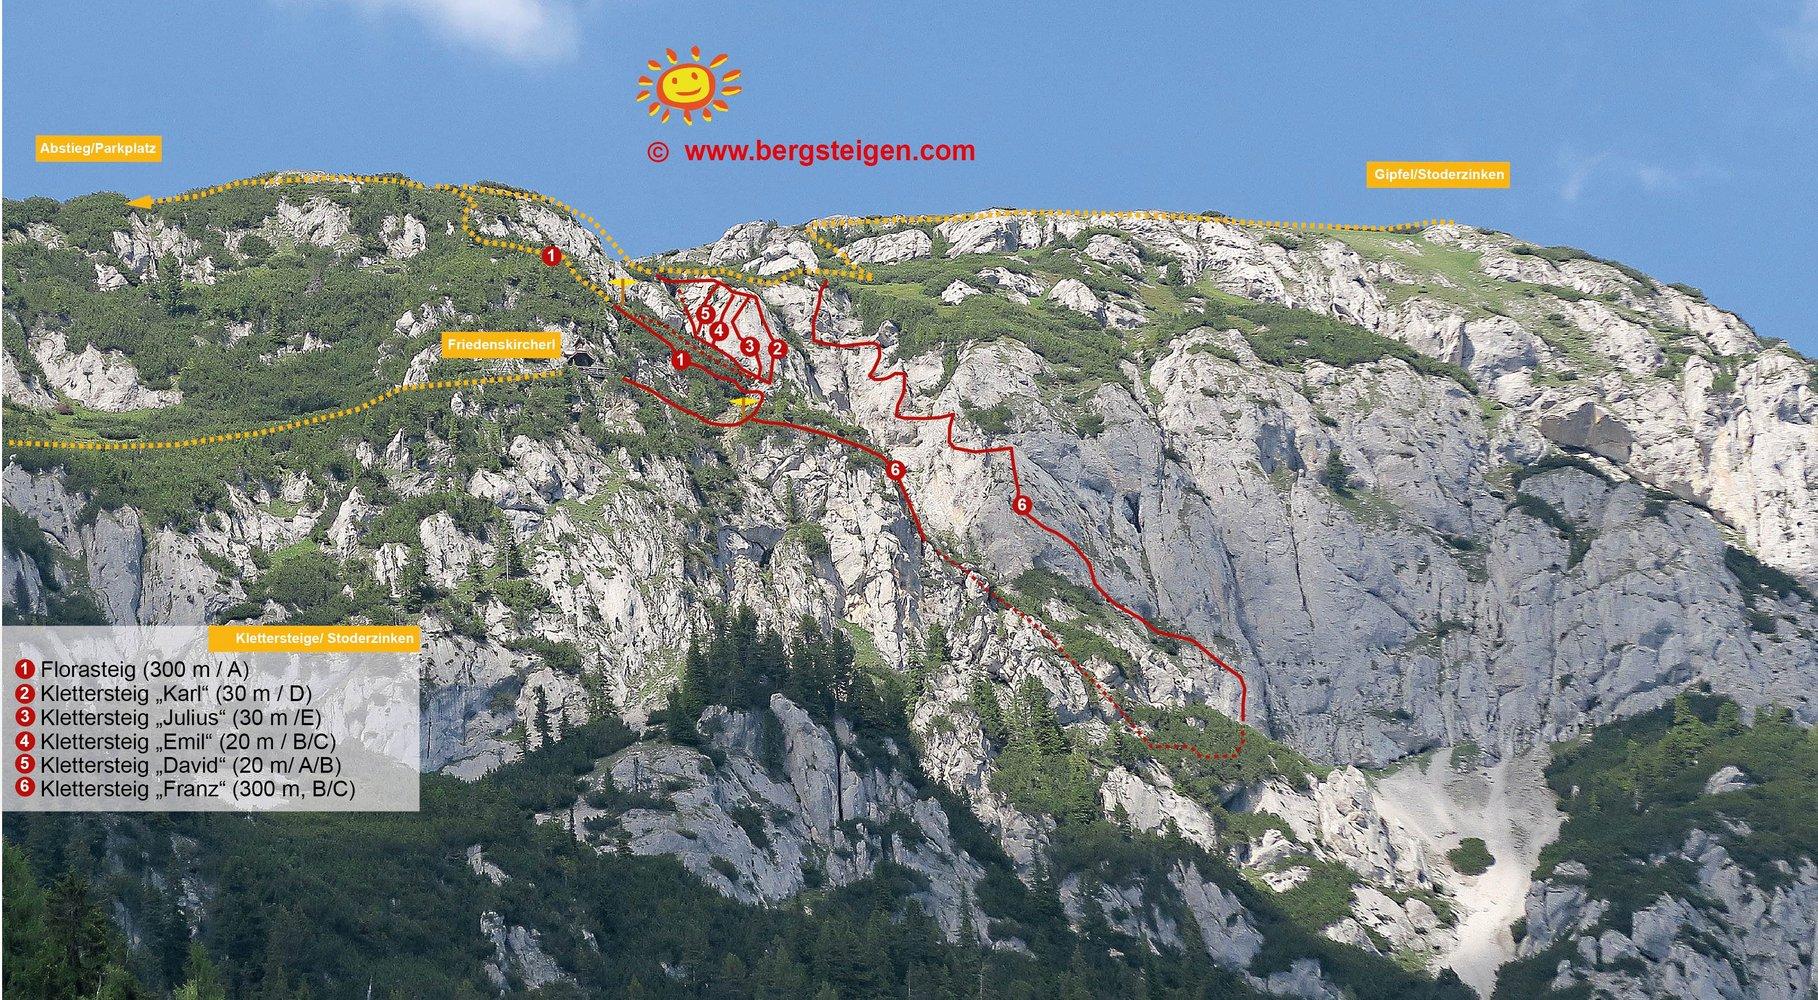 Klettersteig Map : Franz klettersteig bergsteigen